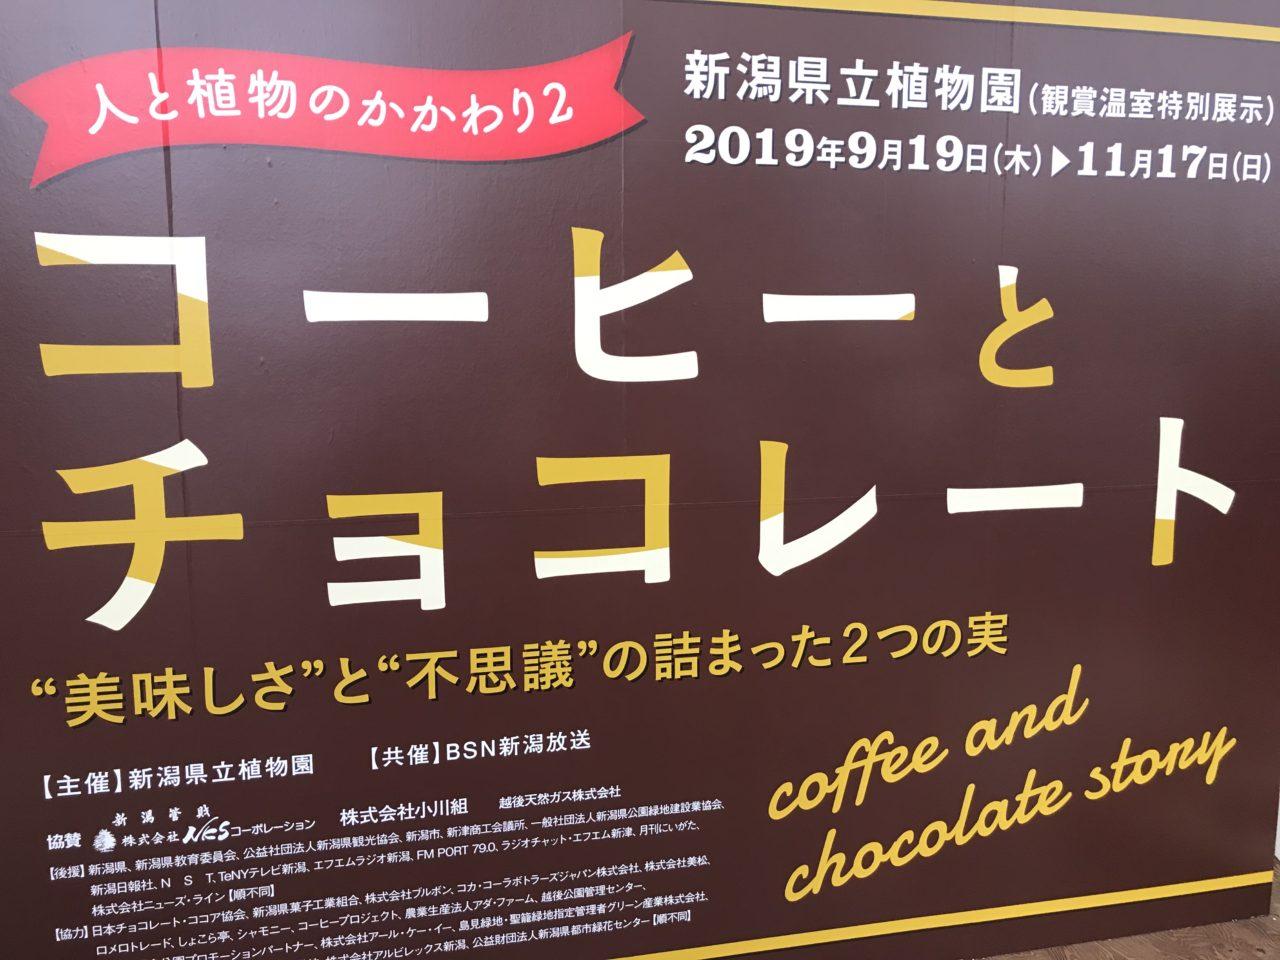 秋の企画展示「人と植物のかかわり コーヒーとチョコレート」の看板